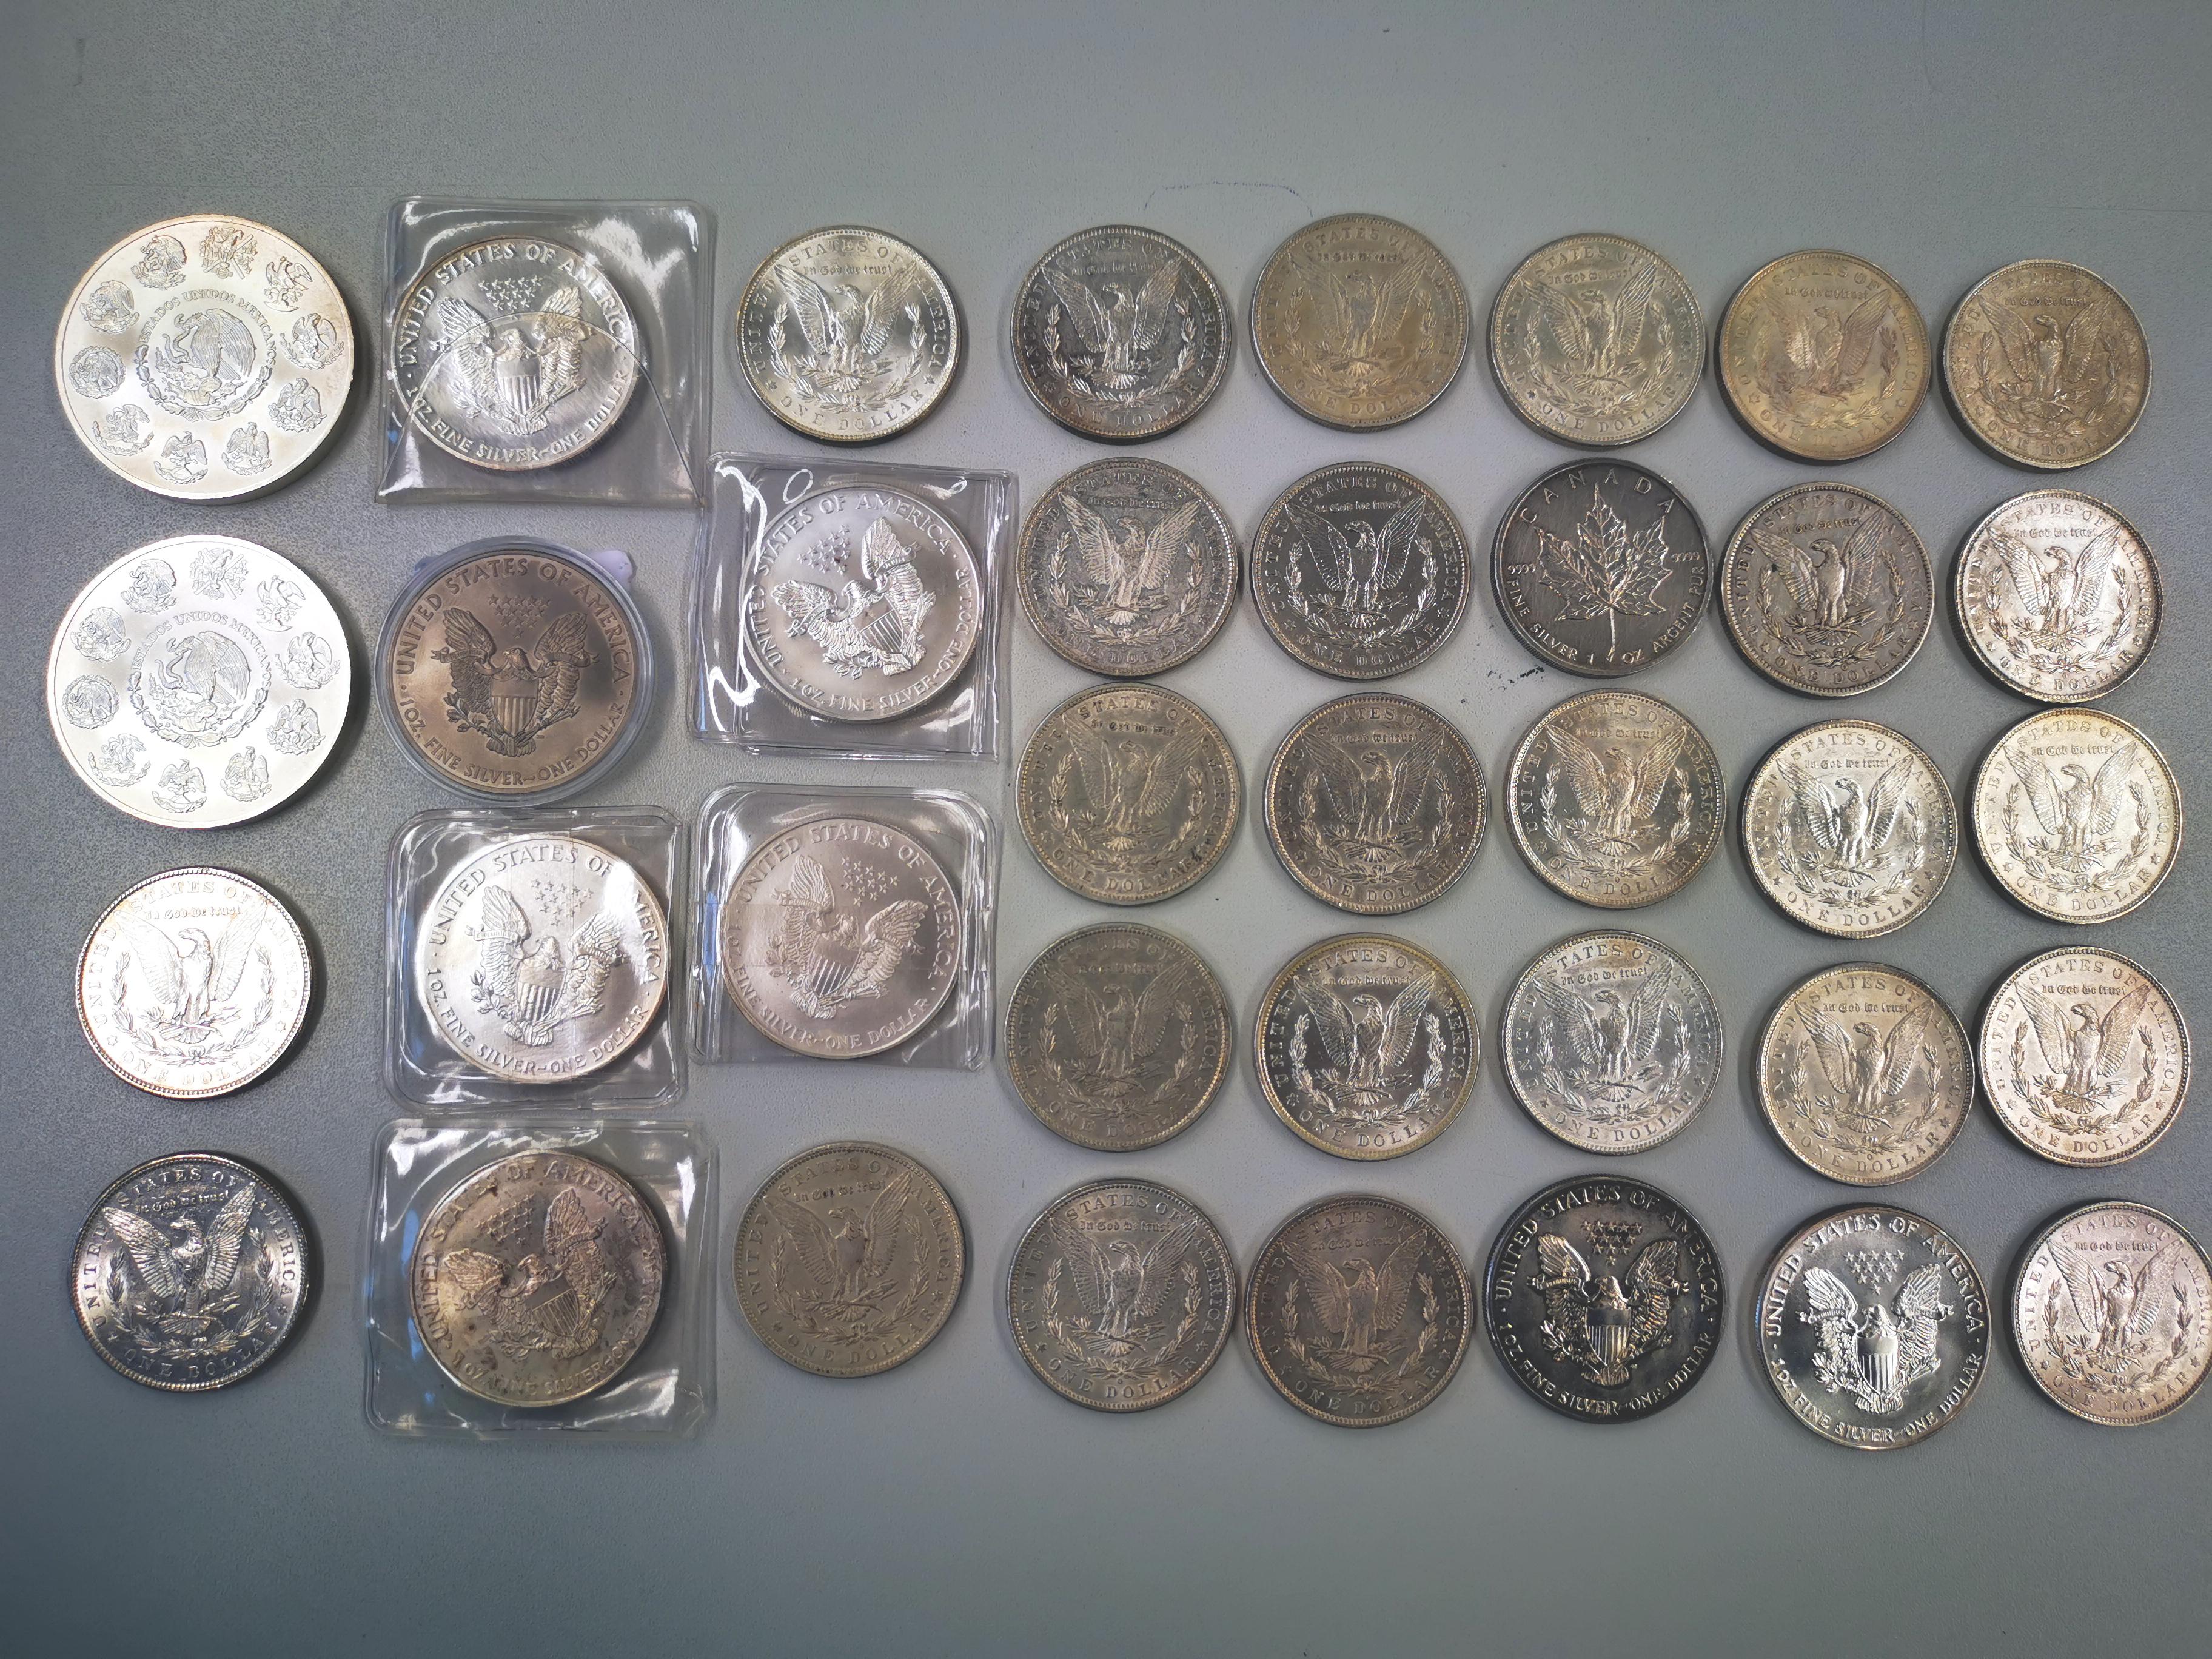 Lot 9427 - sammlungen Übersee - USA -  Auktionshaus Ulrich Felzmann GmbH & Co. KG Coins single lots